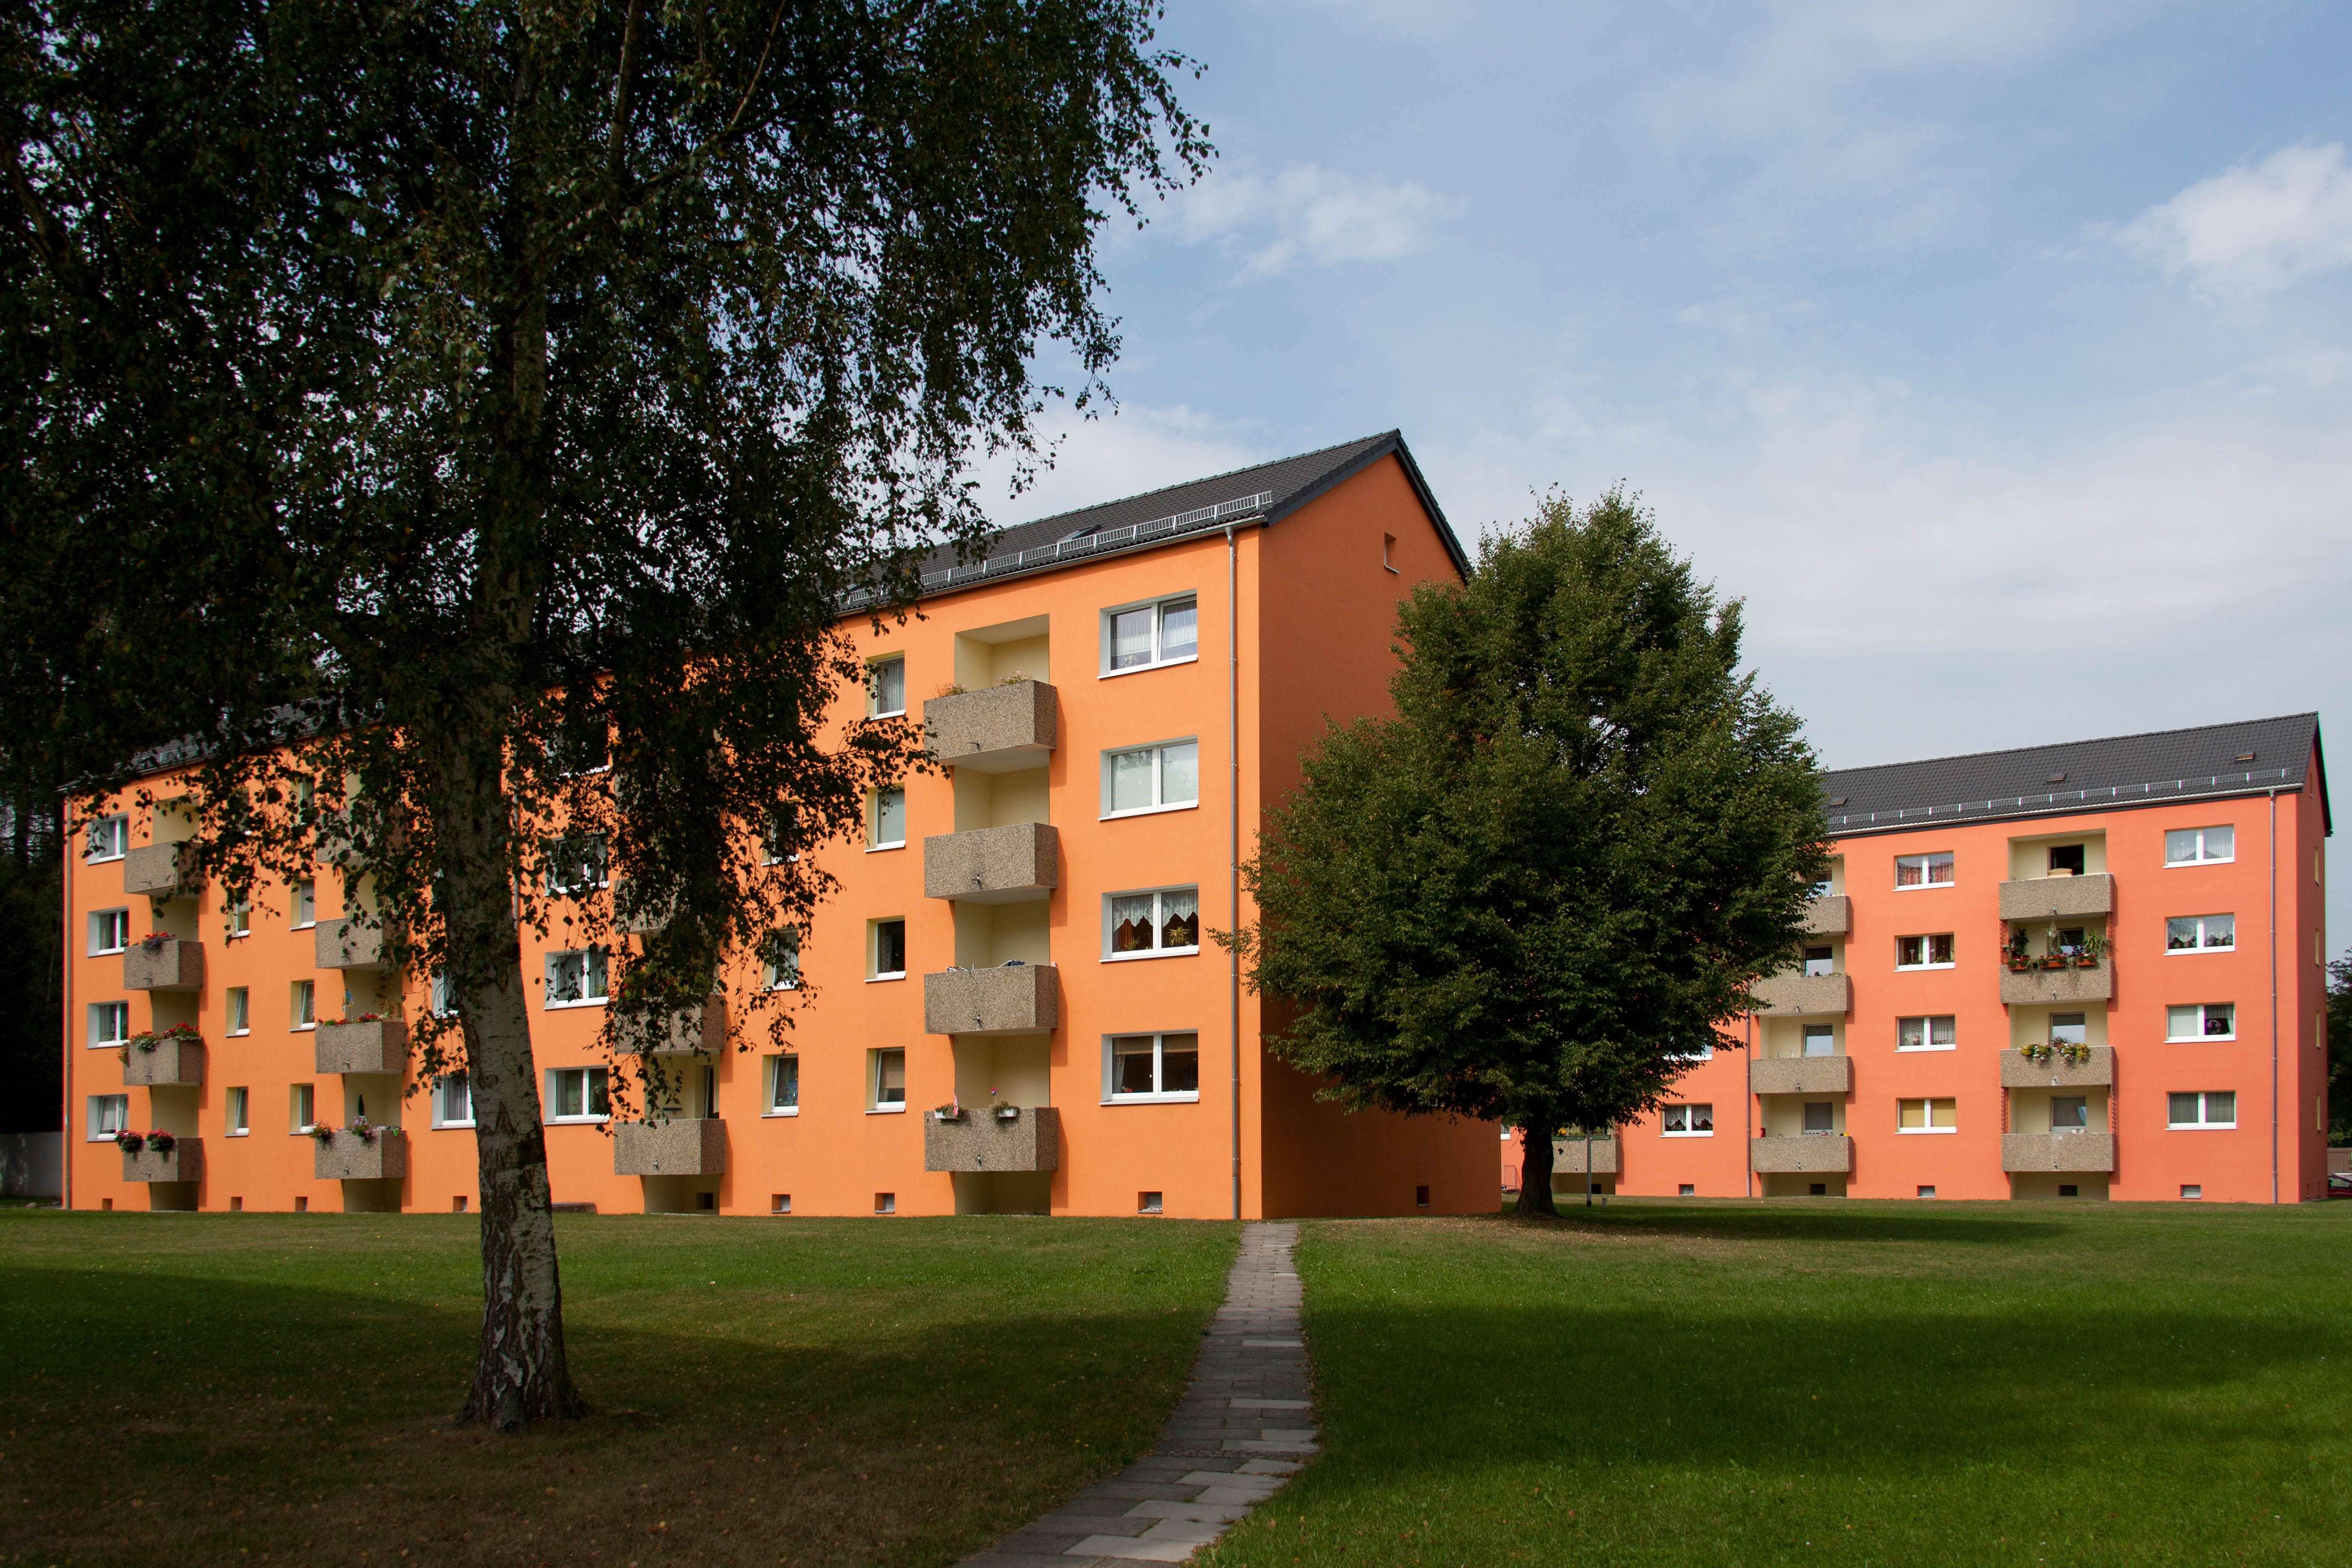 Großzügig geschnittene 3-Zimmer-Wohnung im Schloßweg in Hof-Innenstadt